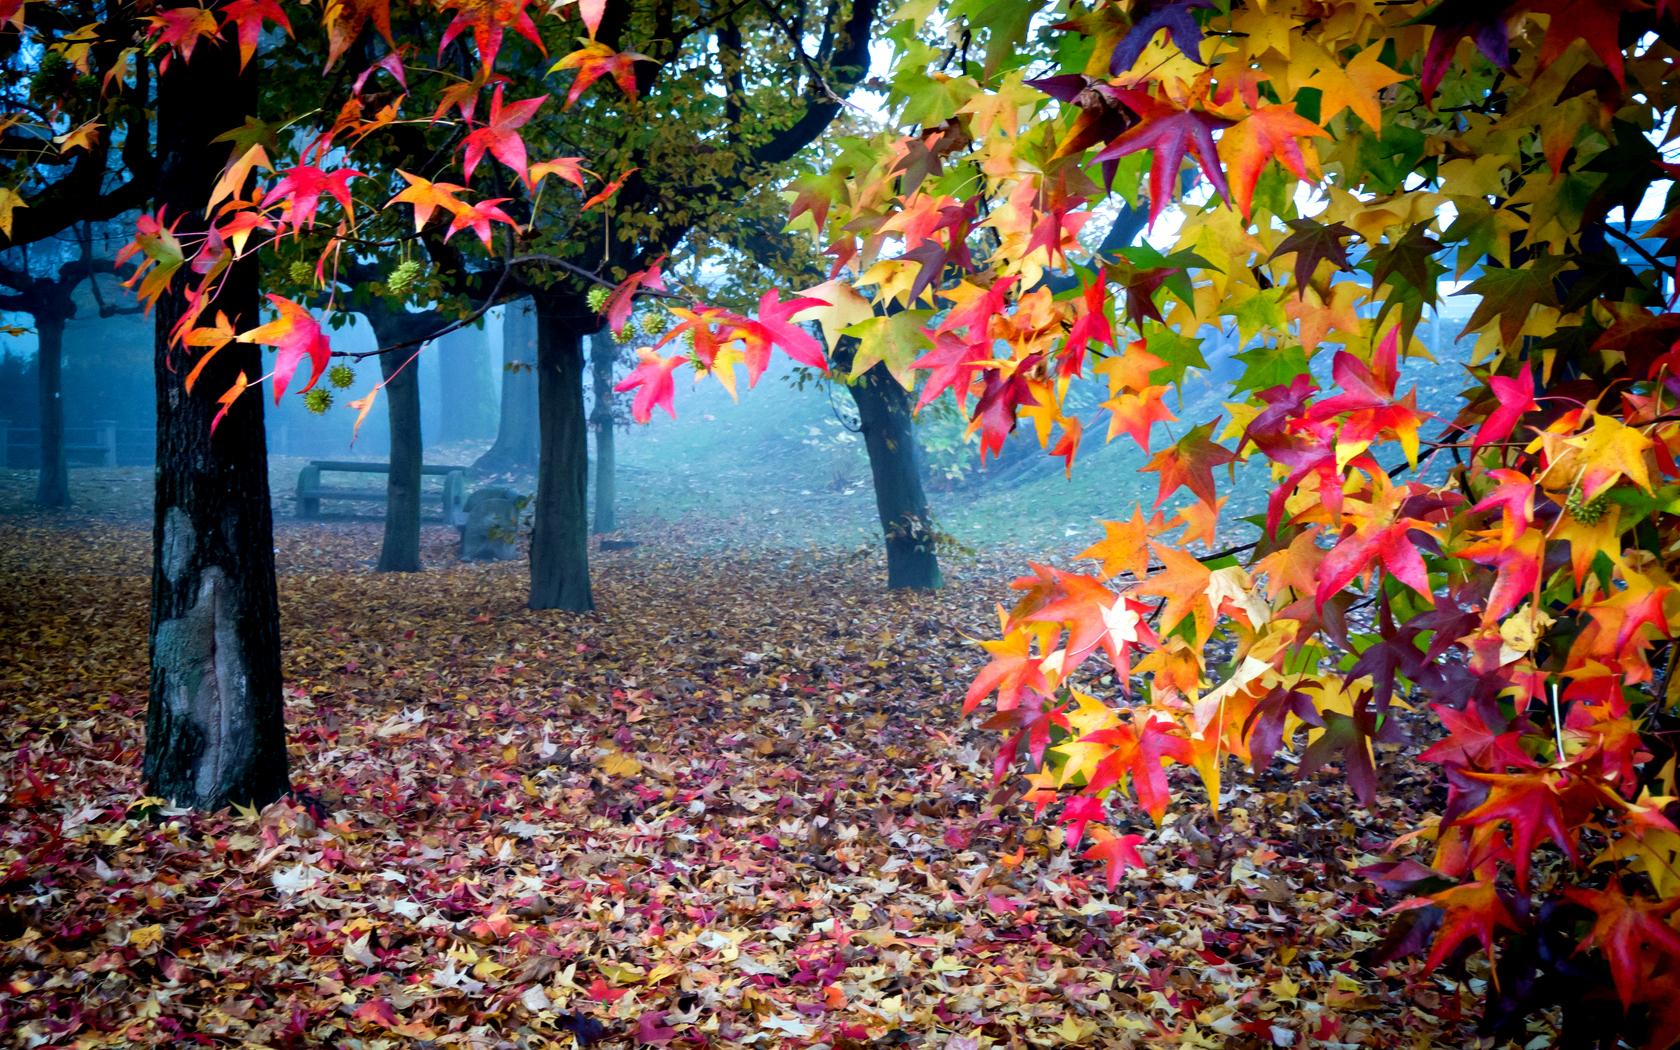 Beautiful Autumn Colors 1680x1050 1605 HD Wallpaper Res 1680x1050 1680x1050